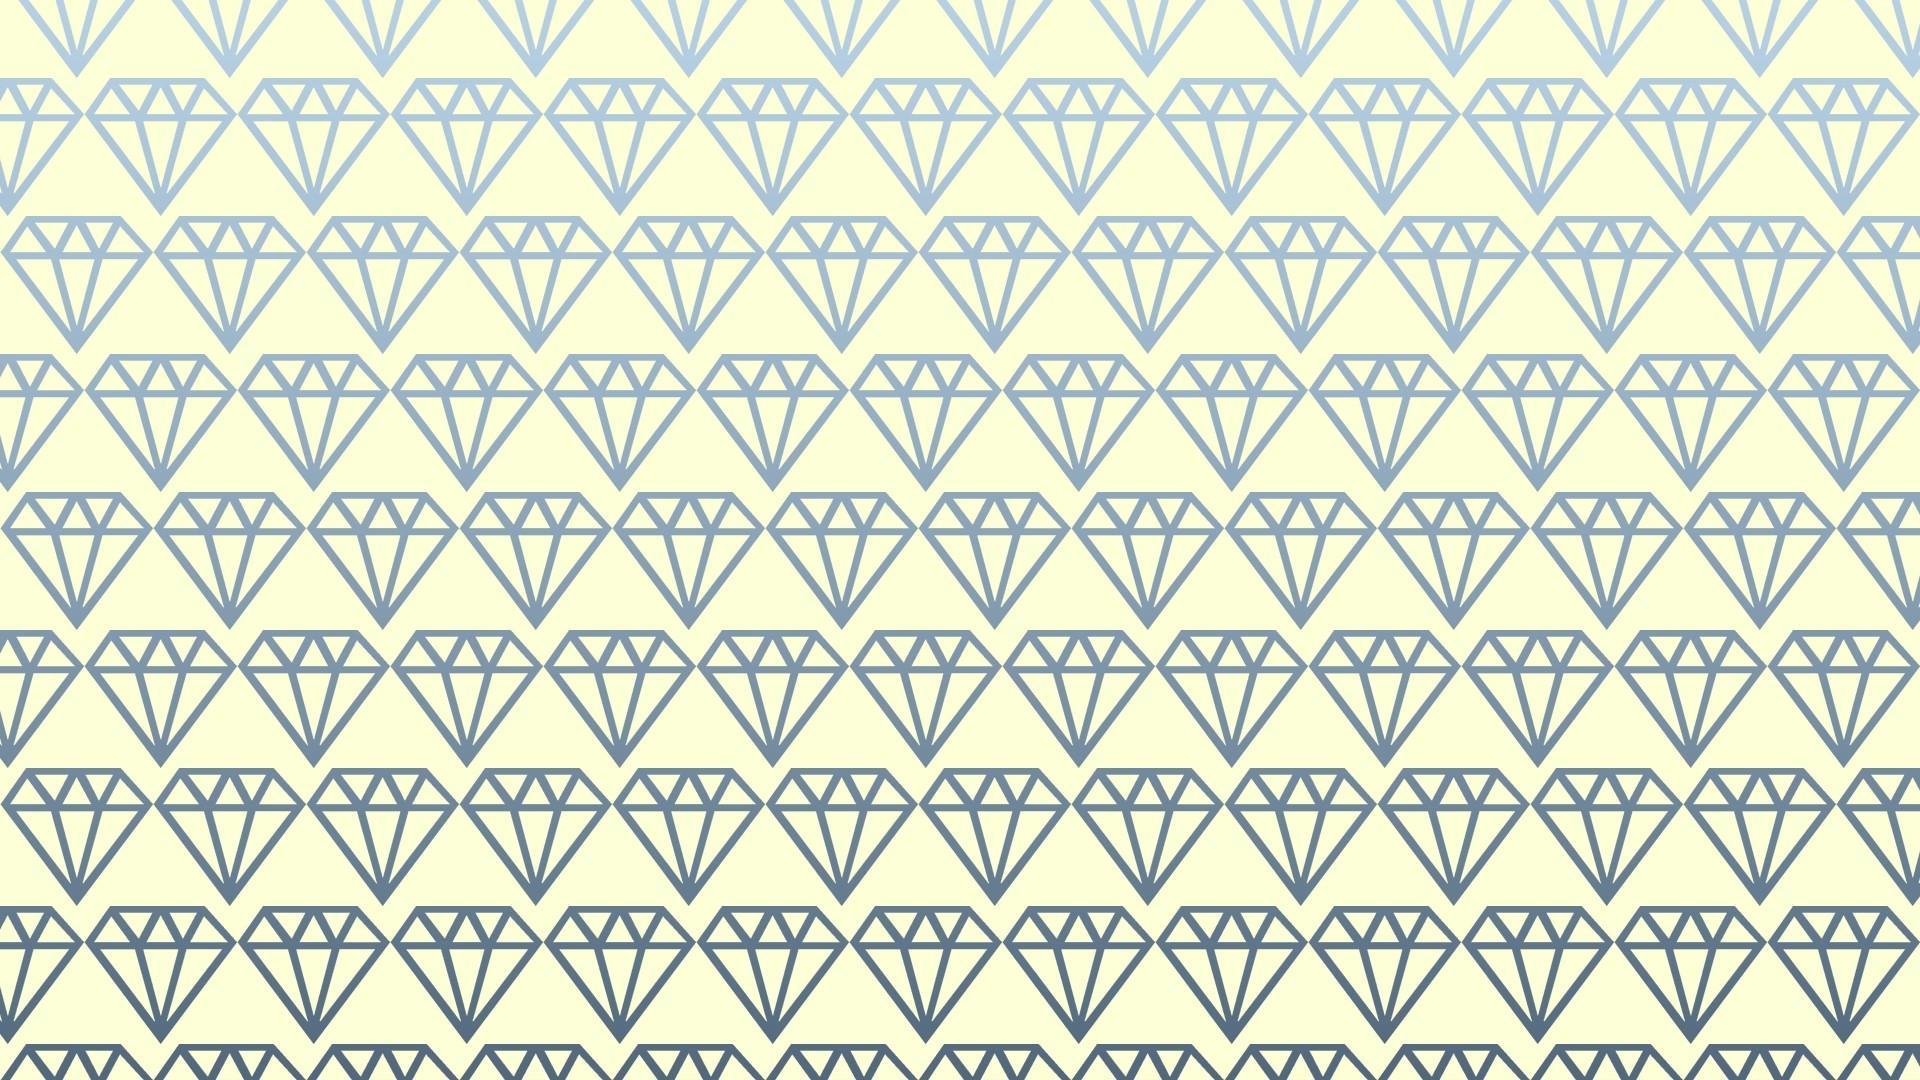 Fancy hd wallpaper download